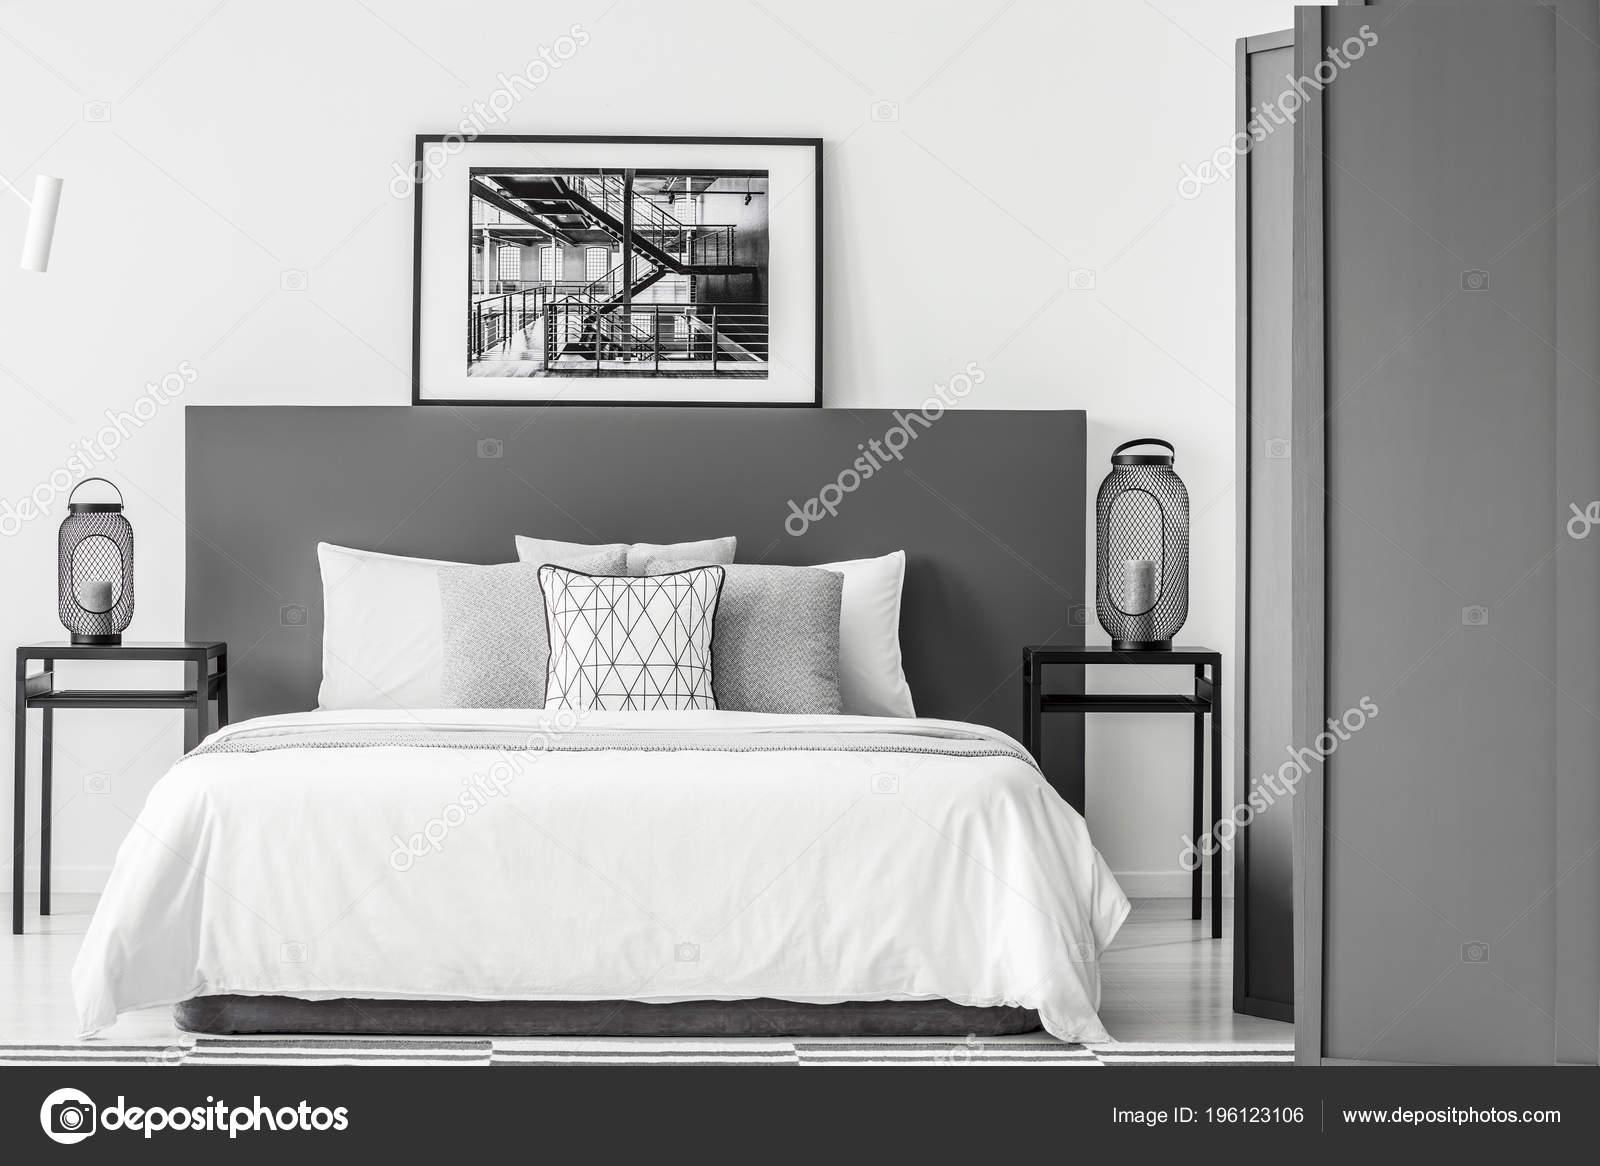 Schwarz Weiß Poster Auf Bedhead Bett Schlafzimmer Innenraum ...